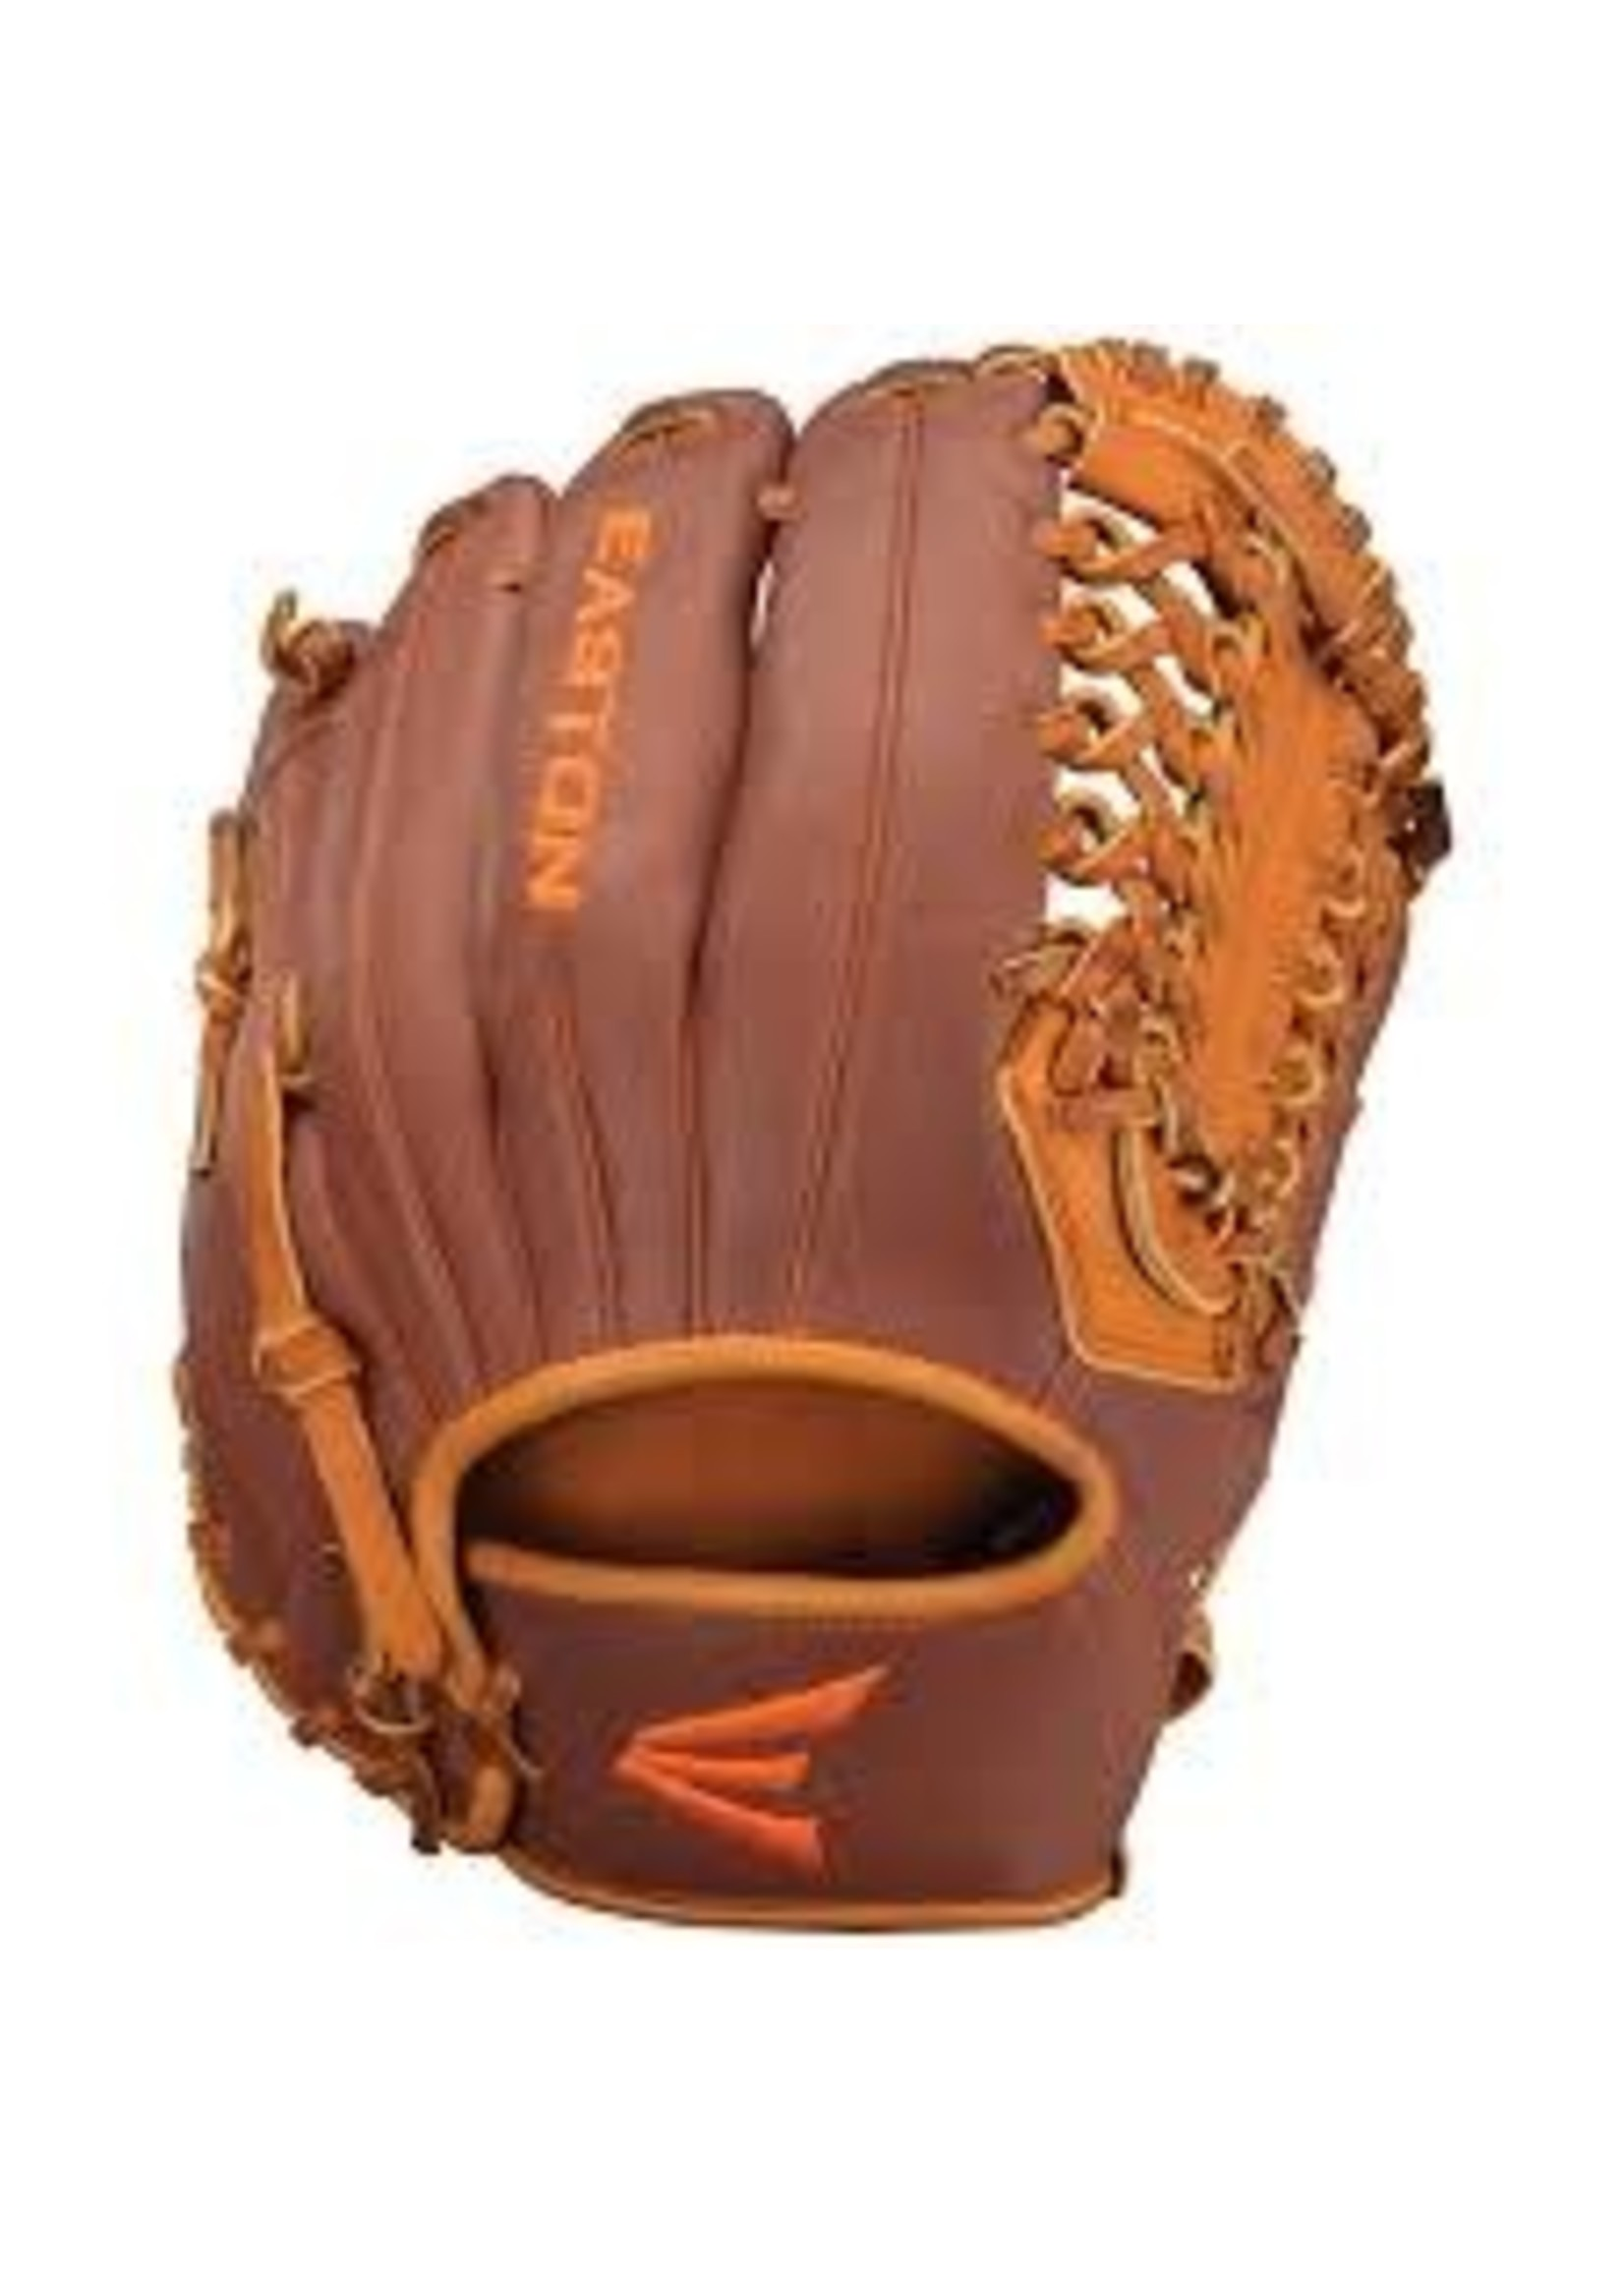 Easton Baseball (Canada) EASTON ECG1176MT RHT 11.75 IN